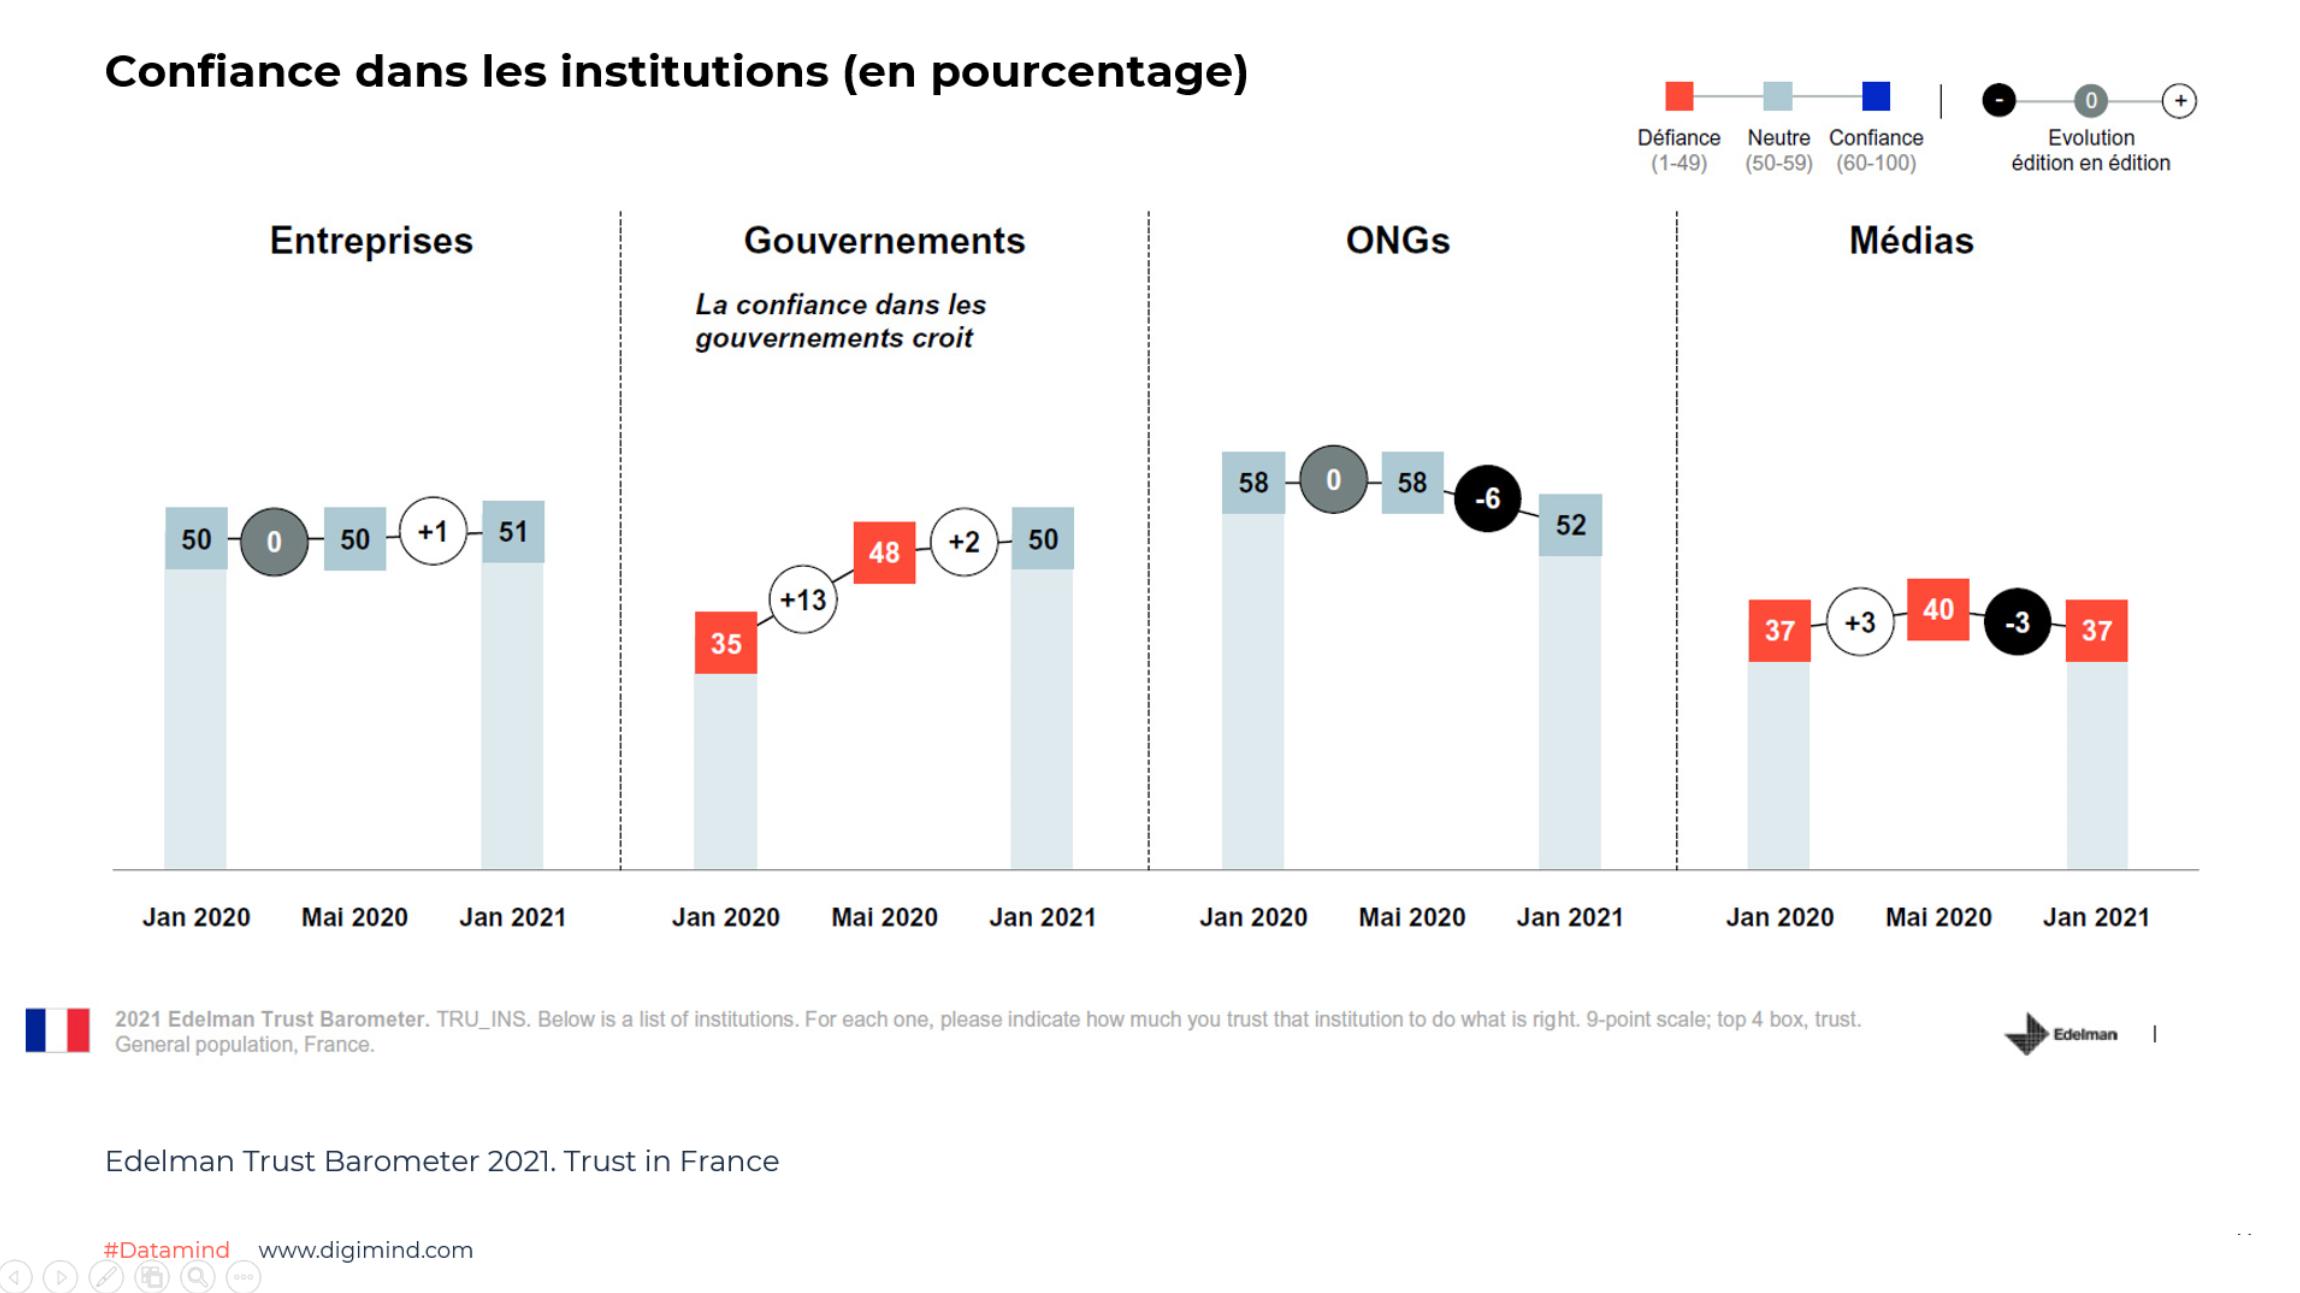 Confiance dans les institutions (en pourcentage) - Edelman Trust Barometer 2021. Trust in France